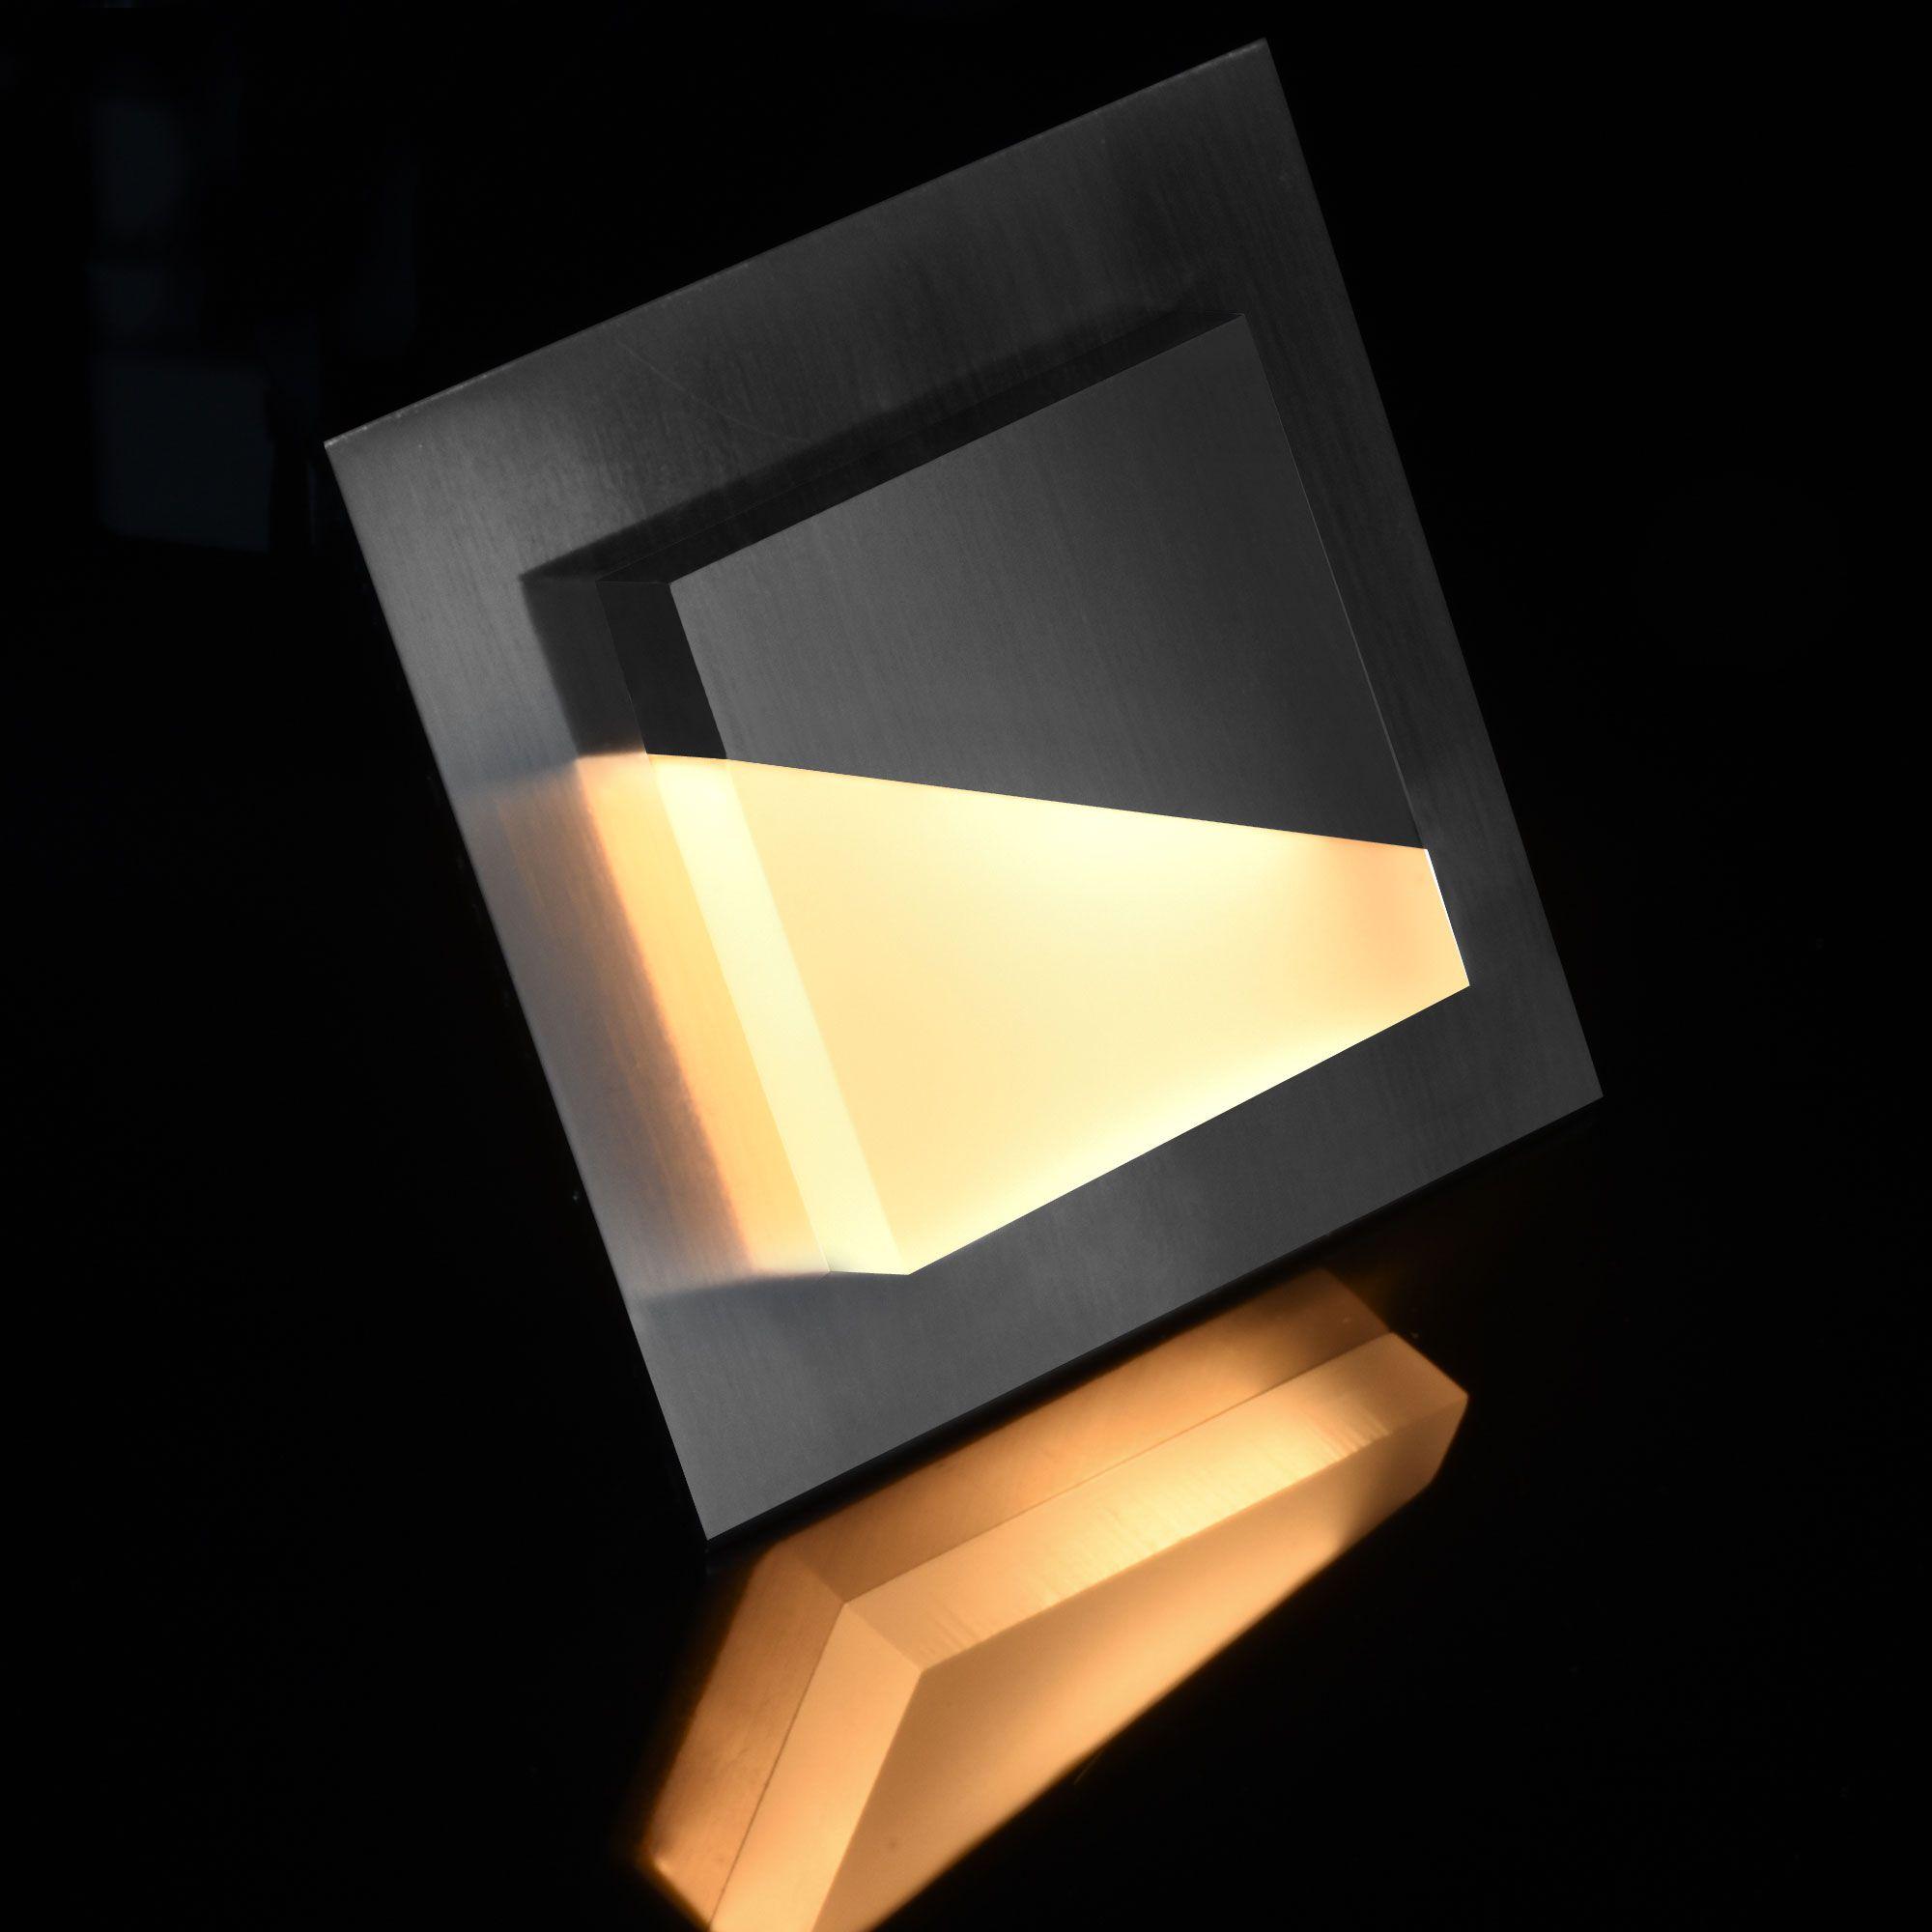 Stufenlicht Led details zu led treppenlicht treppenbeleuchtung treppenleuchte